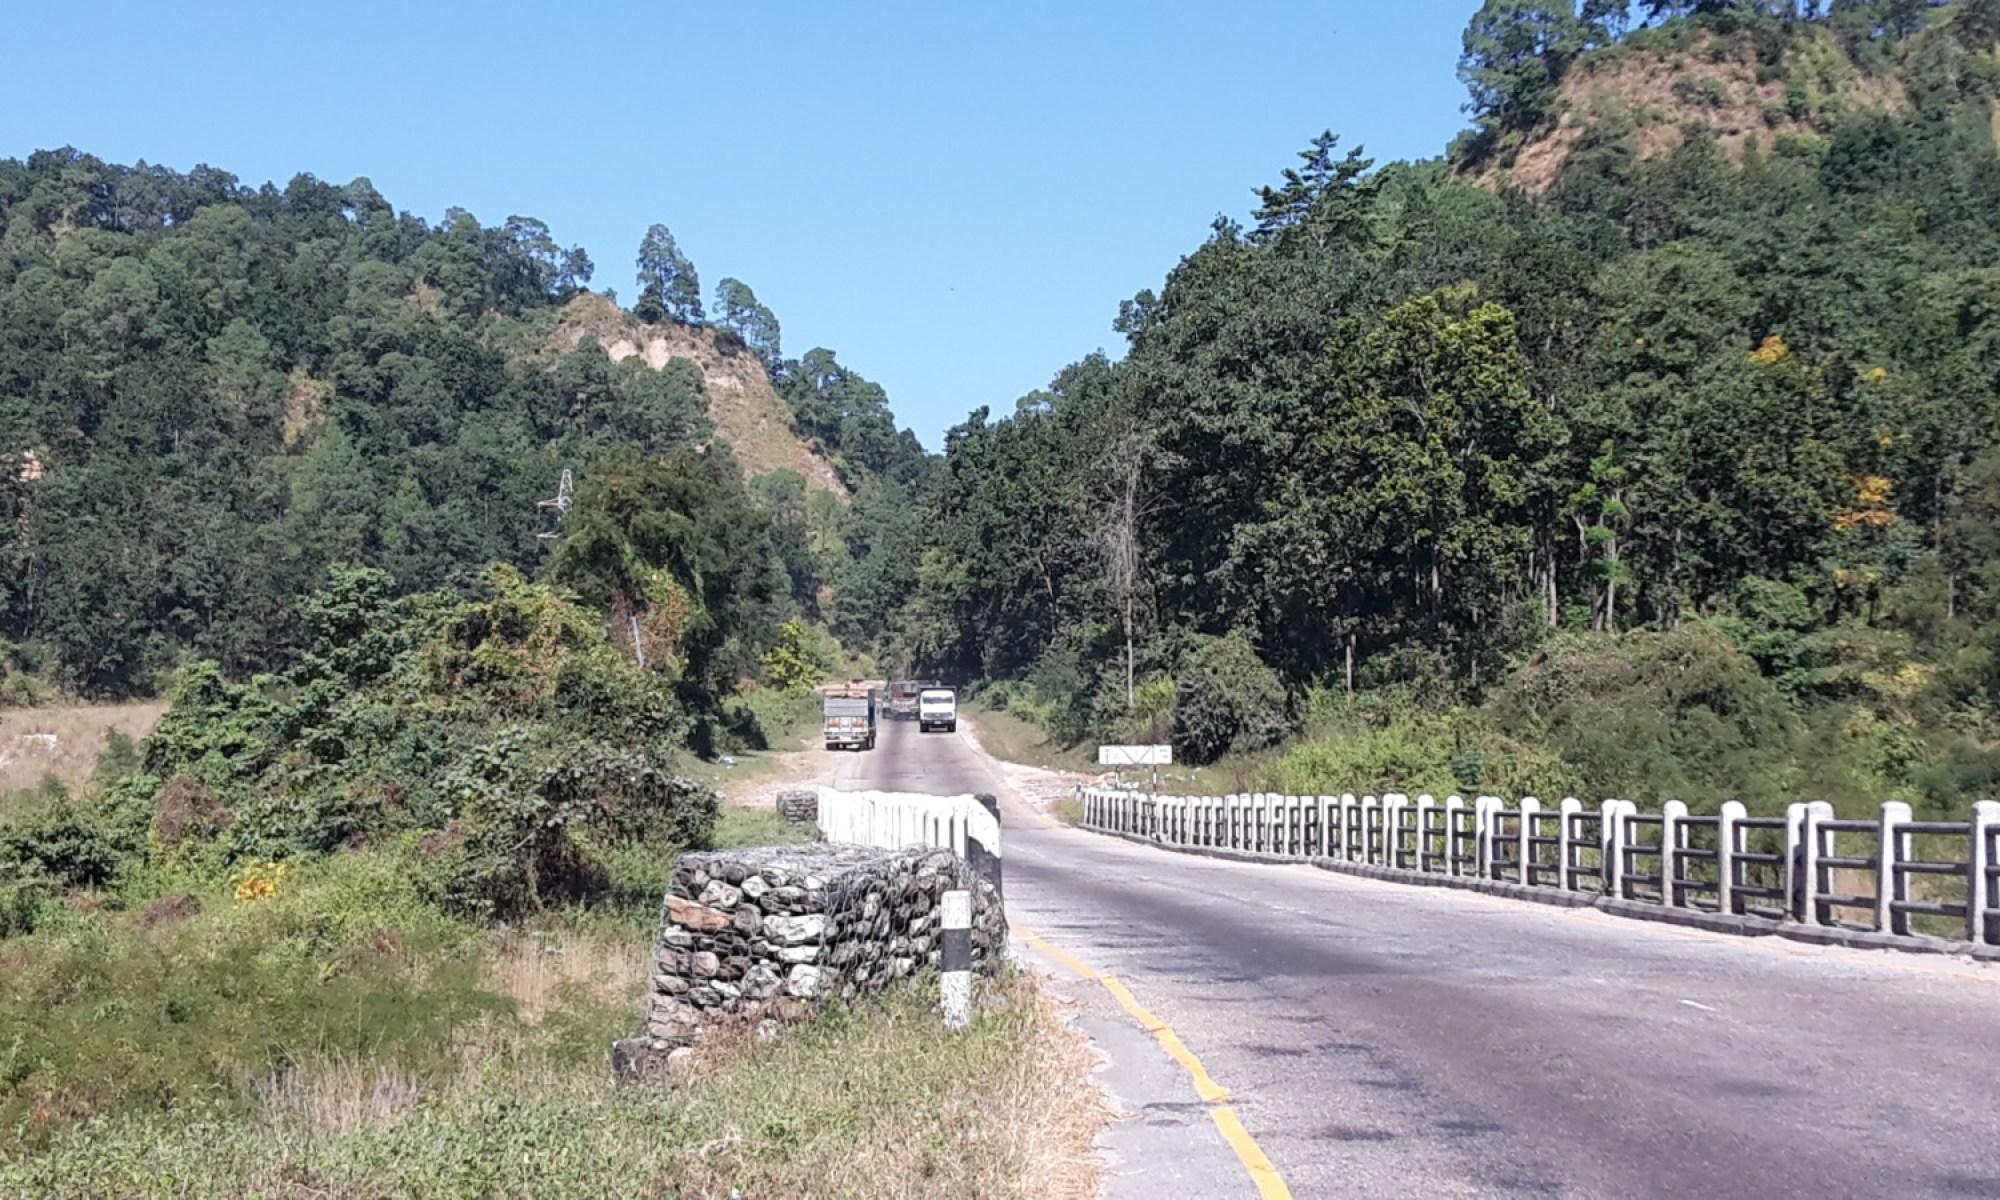 Start of the climb up to Hetauda.